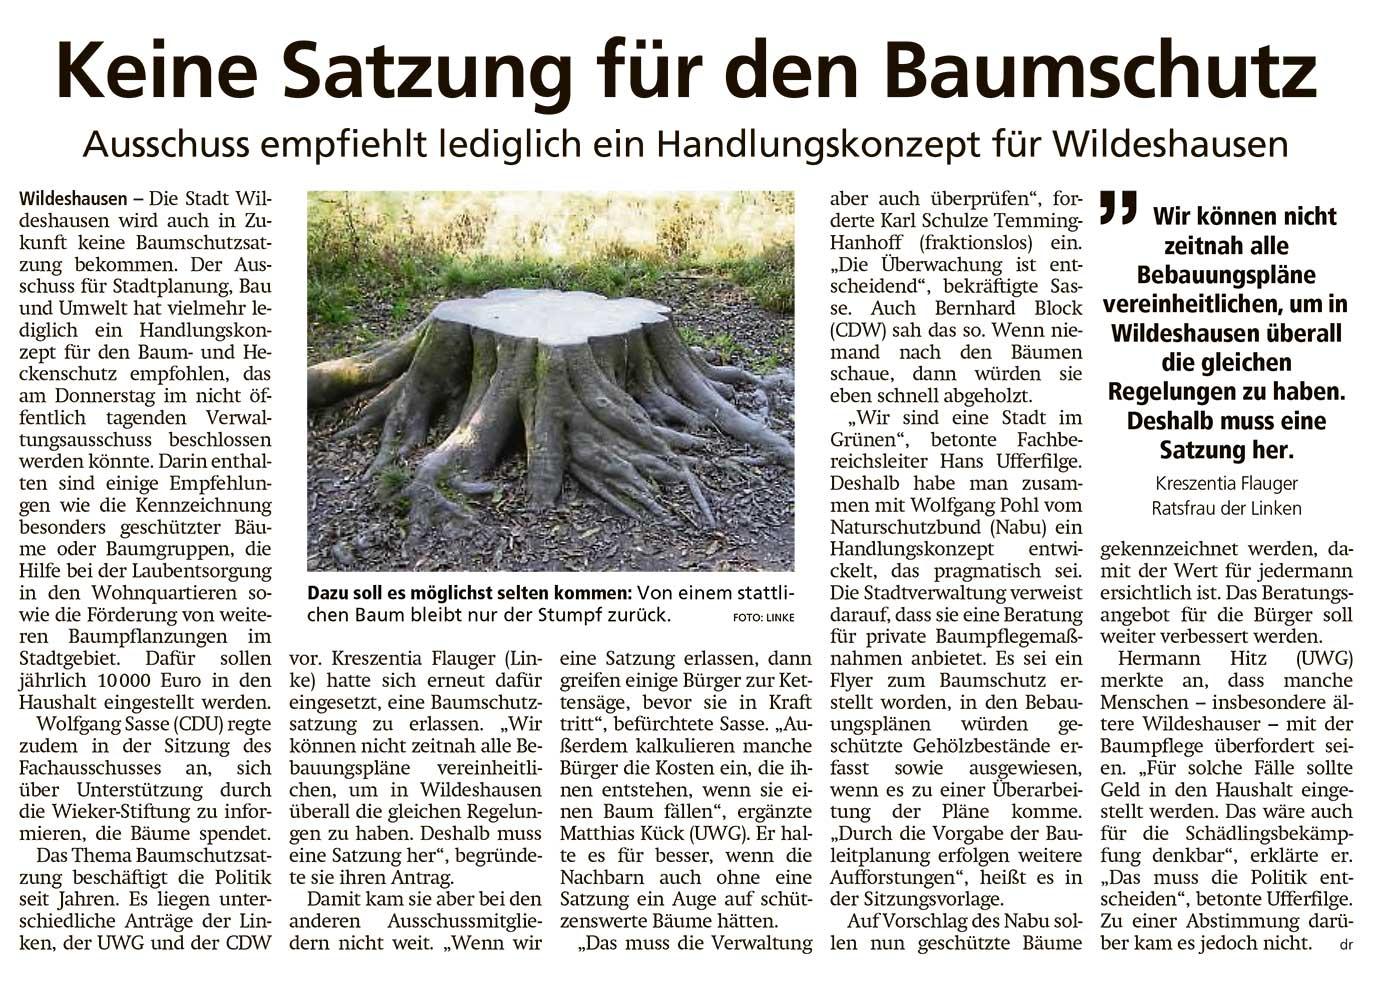 Keine Satzung für den BaumschutzAusschuss empfiehlt lediglich ein Handlungskonzept für WildeshausenArtikel vom 01.03.2021 (WZ)